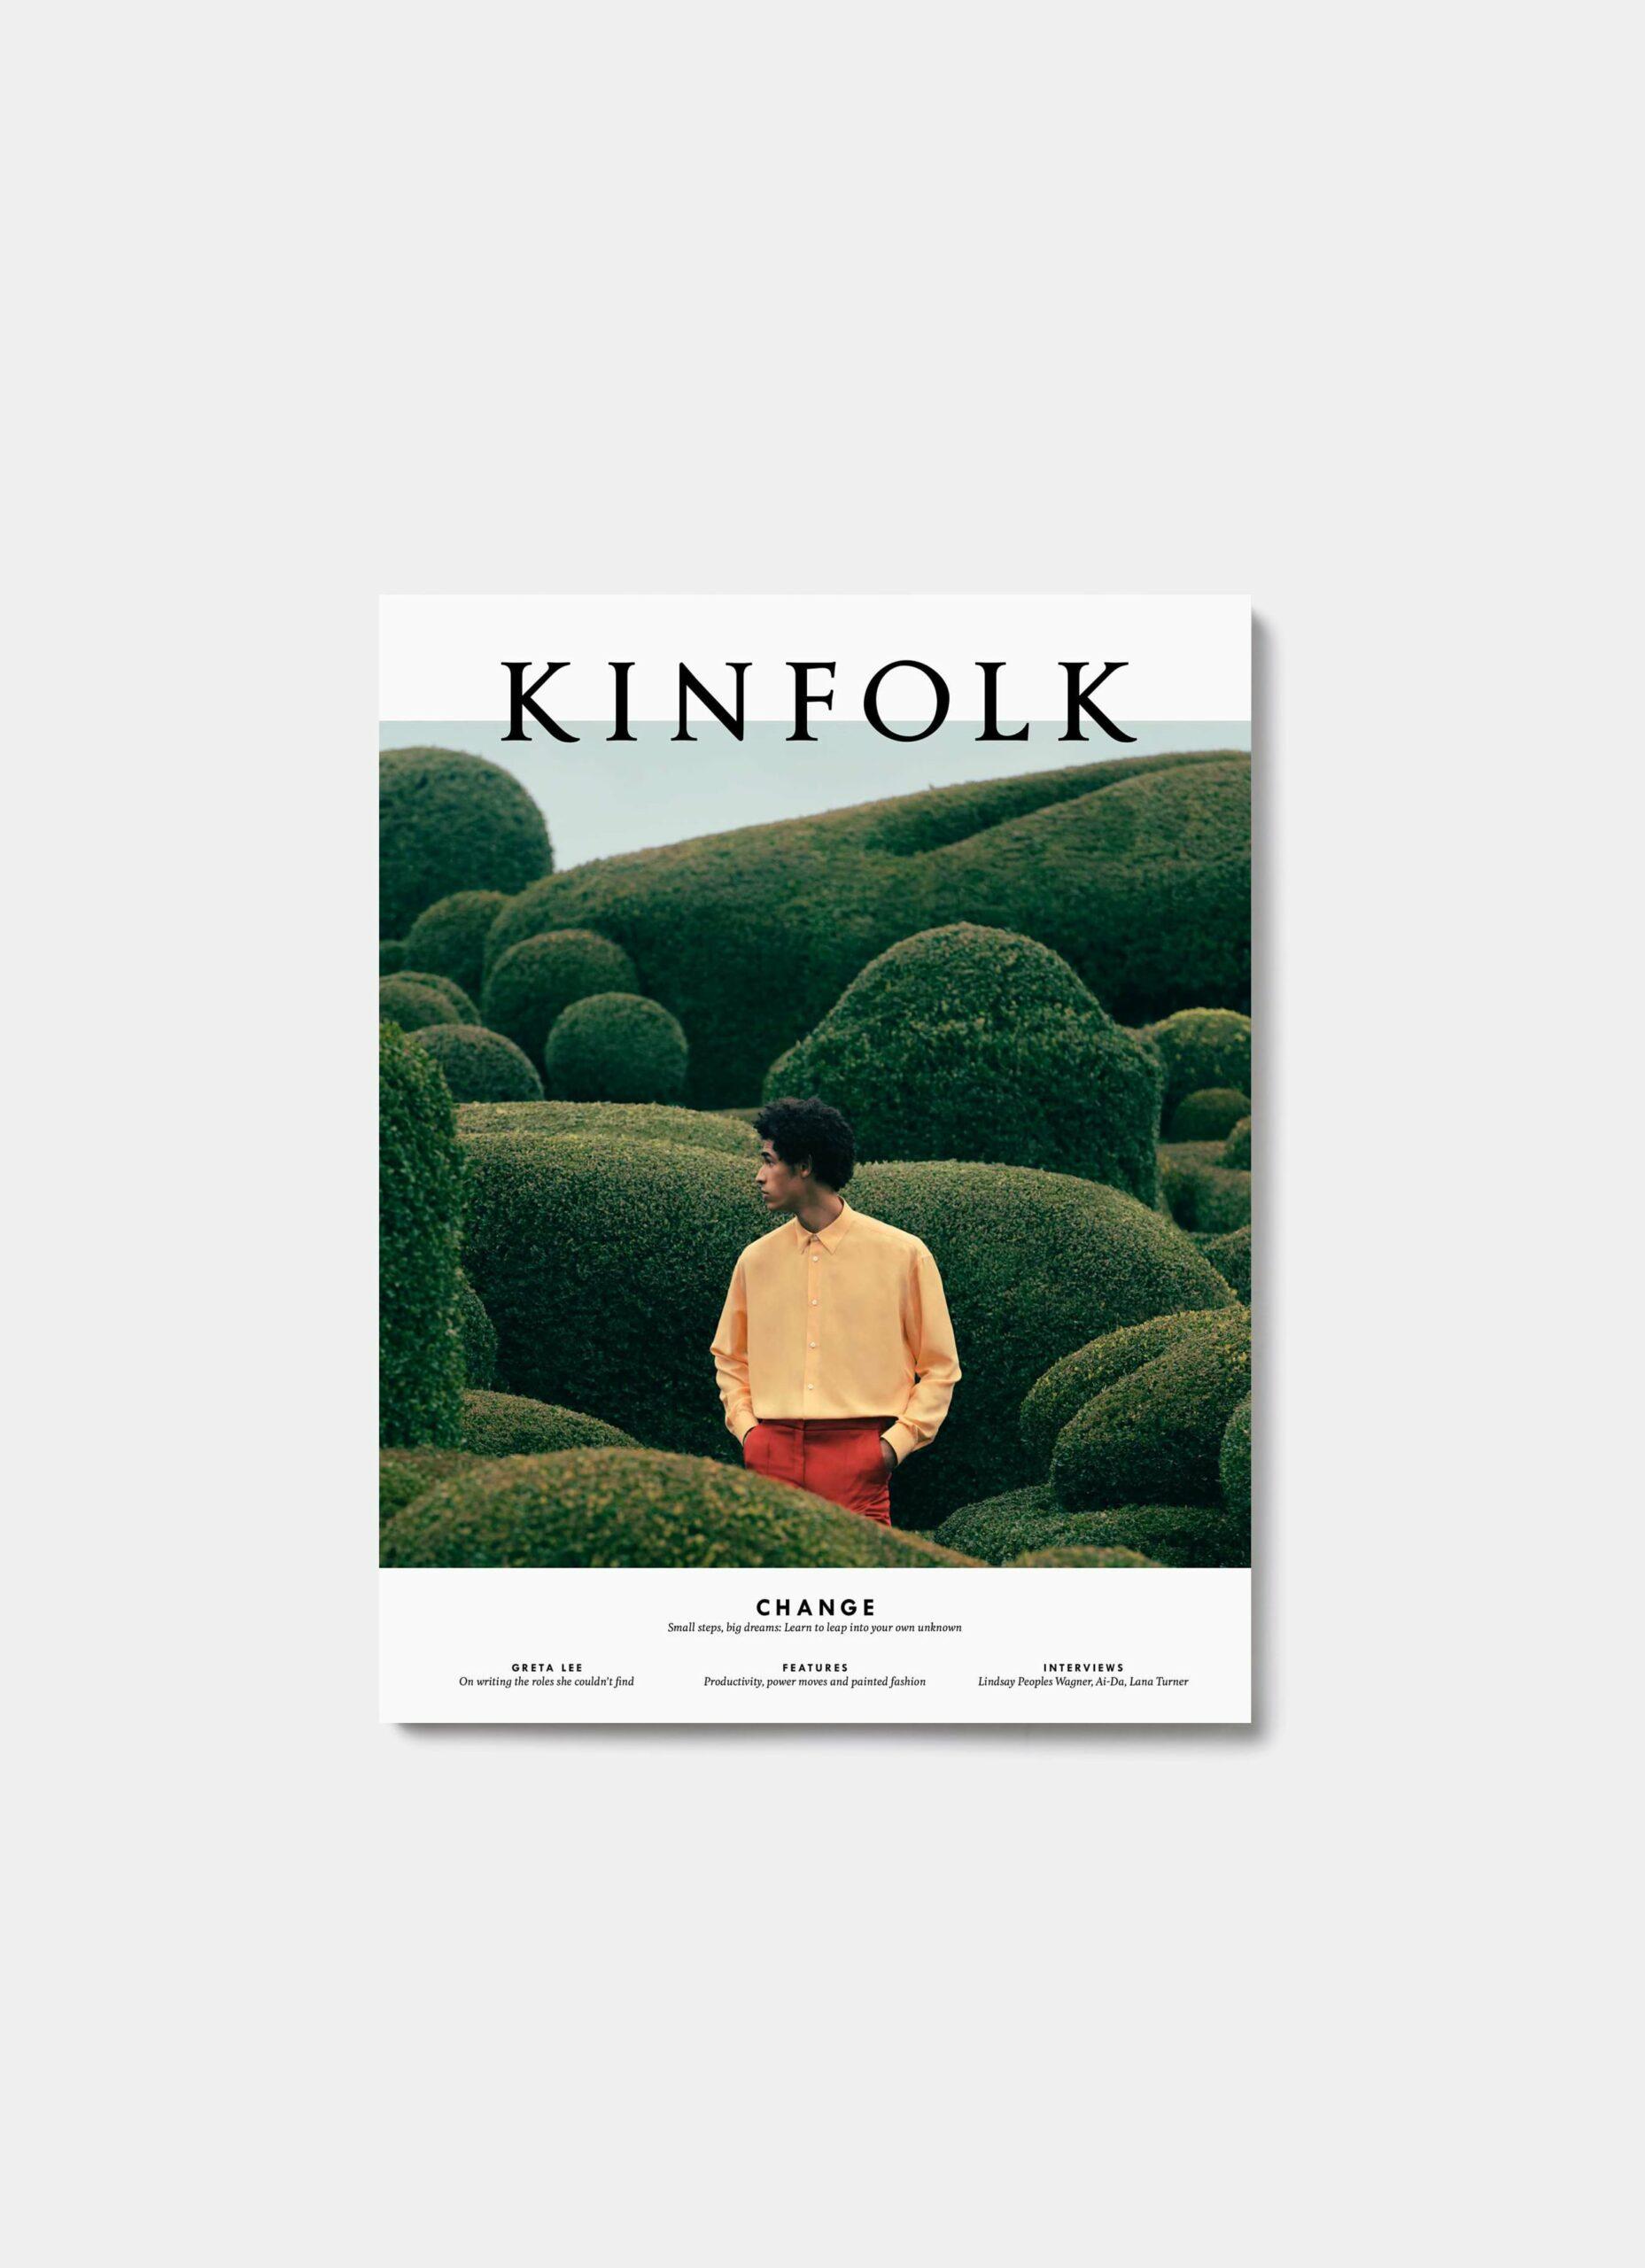 Kinfolk Magazine - Issue 35 - Change Special